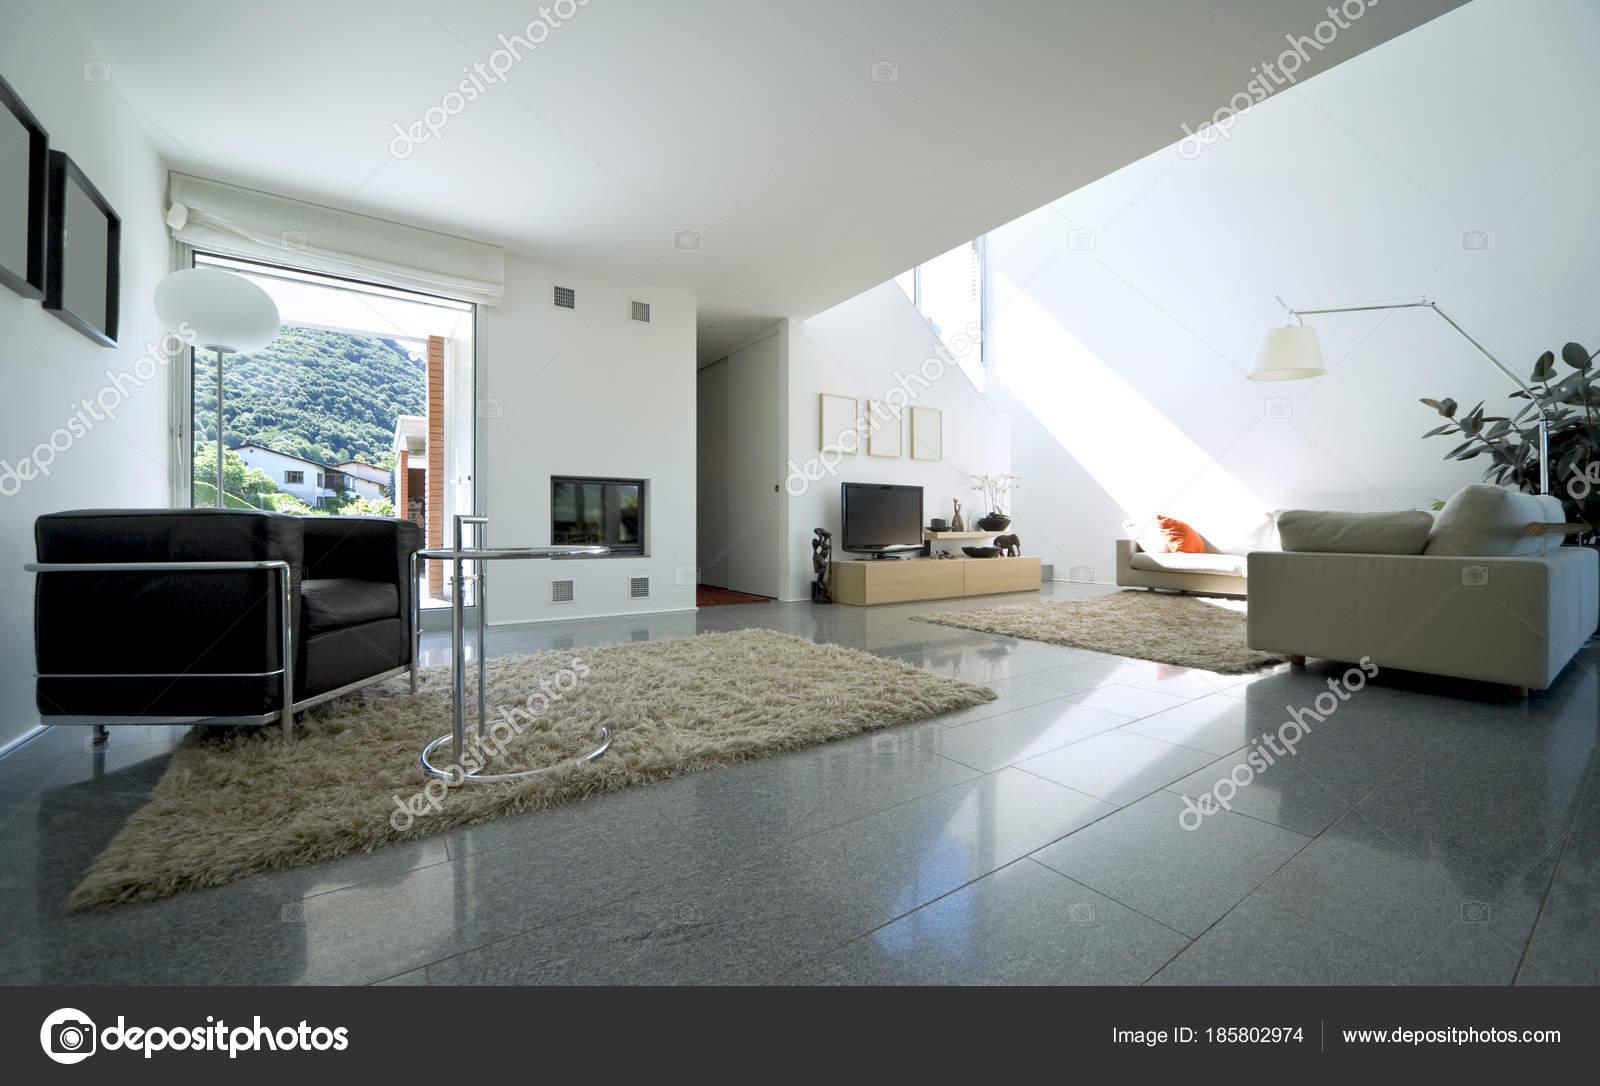 Luxe villa interieur, woonkamer — Stockfoto © Zveiger #185802974